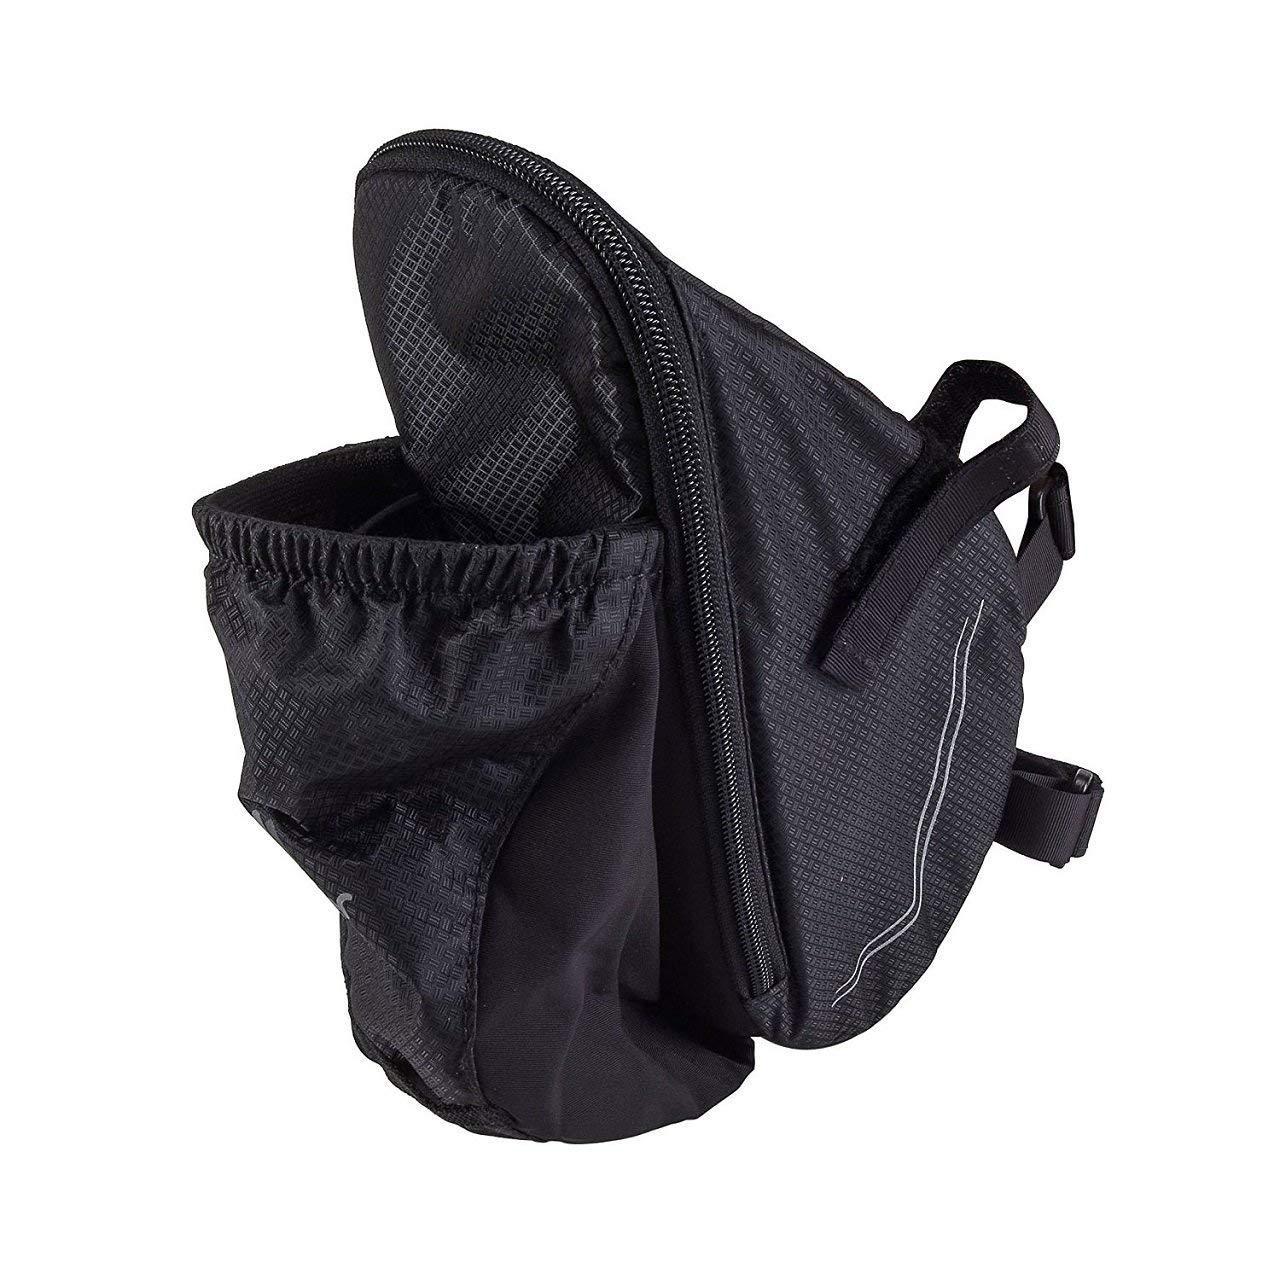 Підсідельна сумка Deuter Bike Bag black Bottle (3290517 7000)